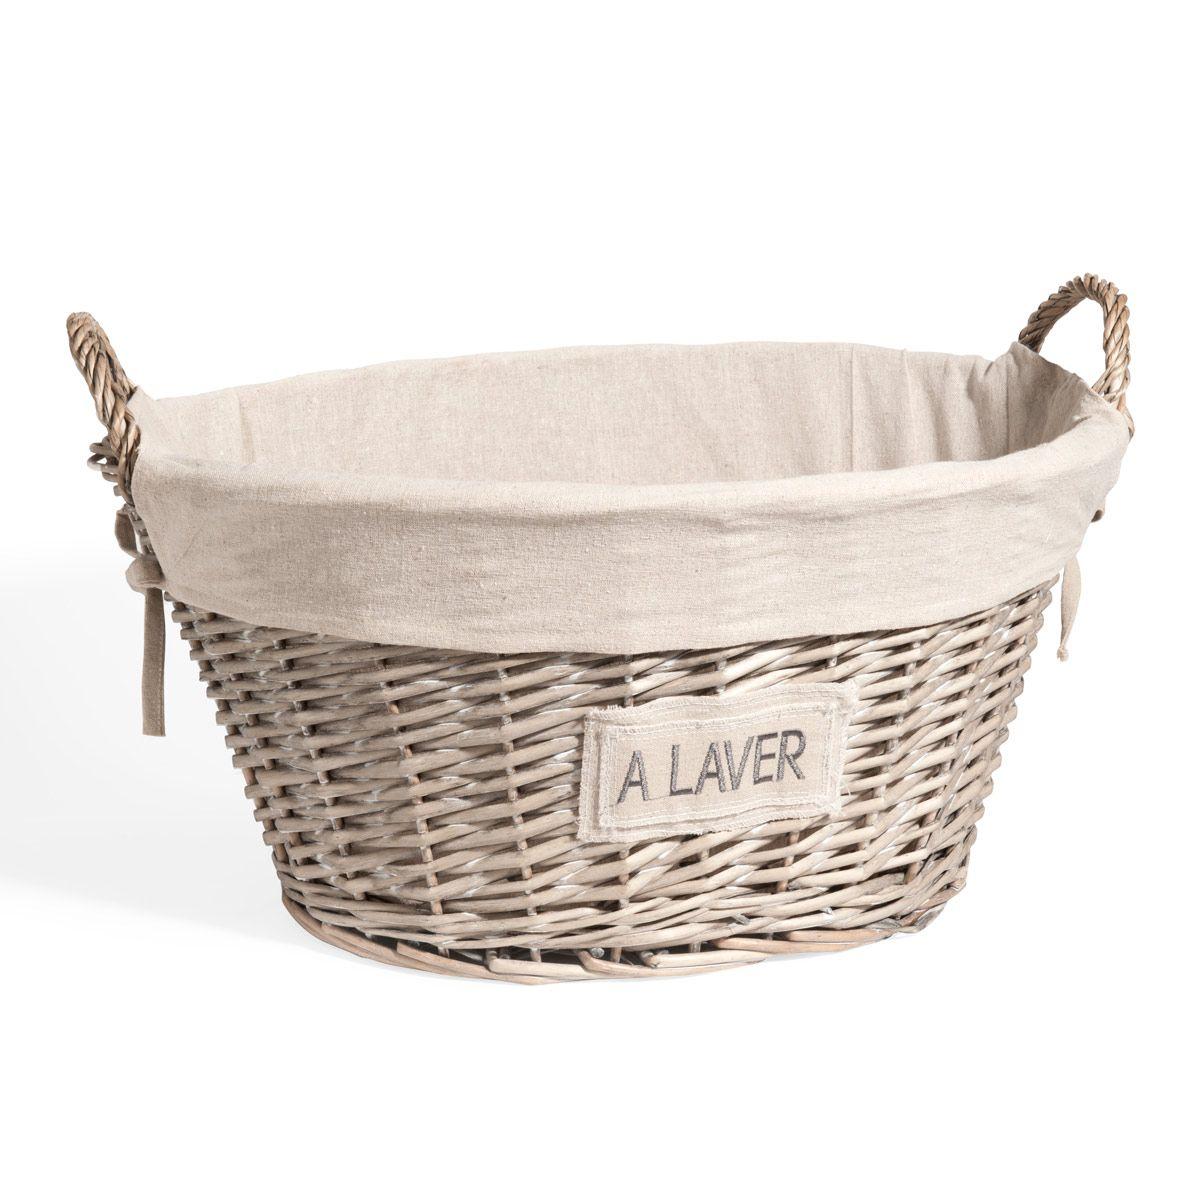 Wäschekorb Vintage wäschekorb style rustique français wäschekörbe